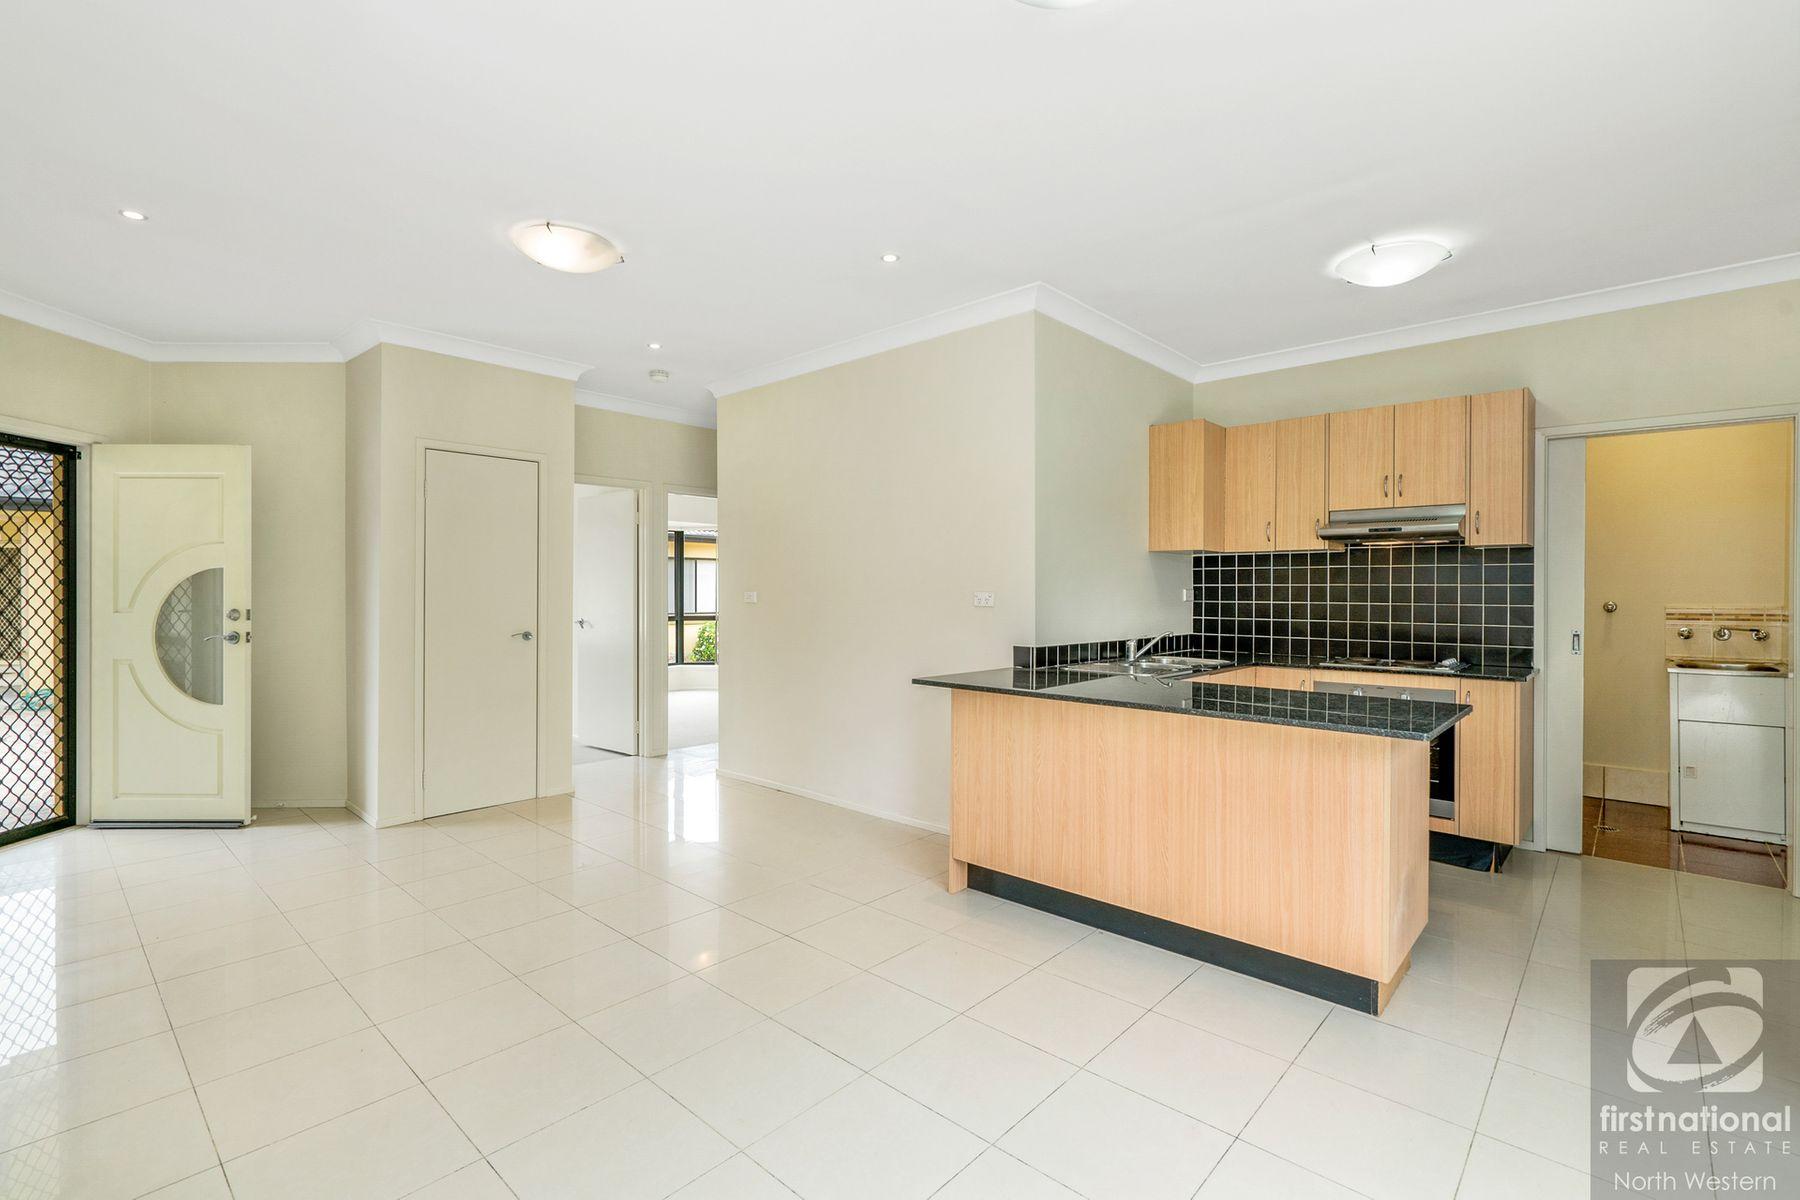 7/56 Orleans Crescent, Toongabbie, NSW 2146